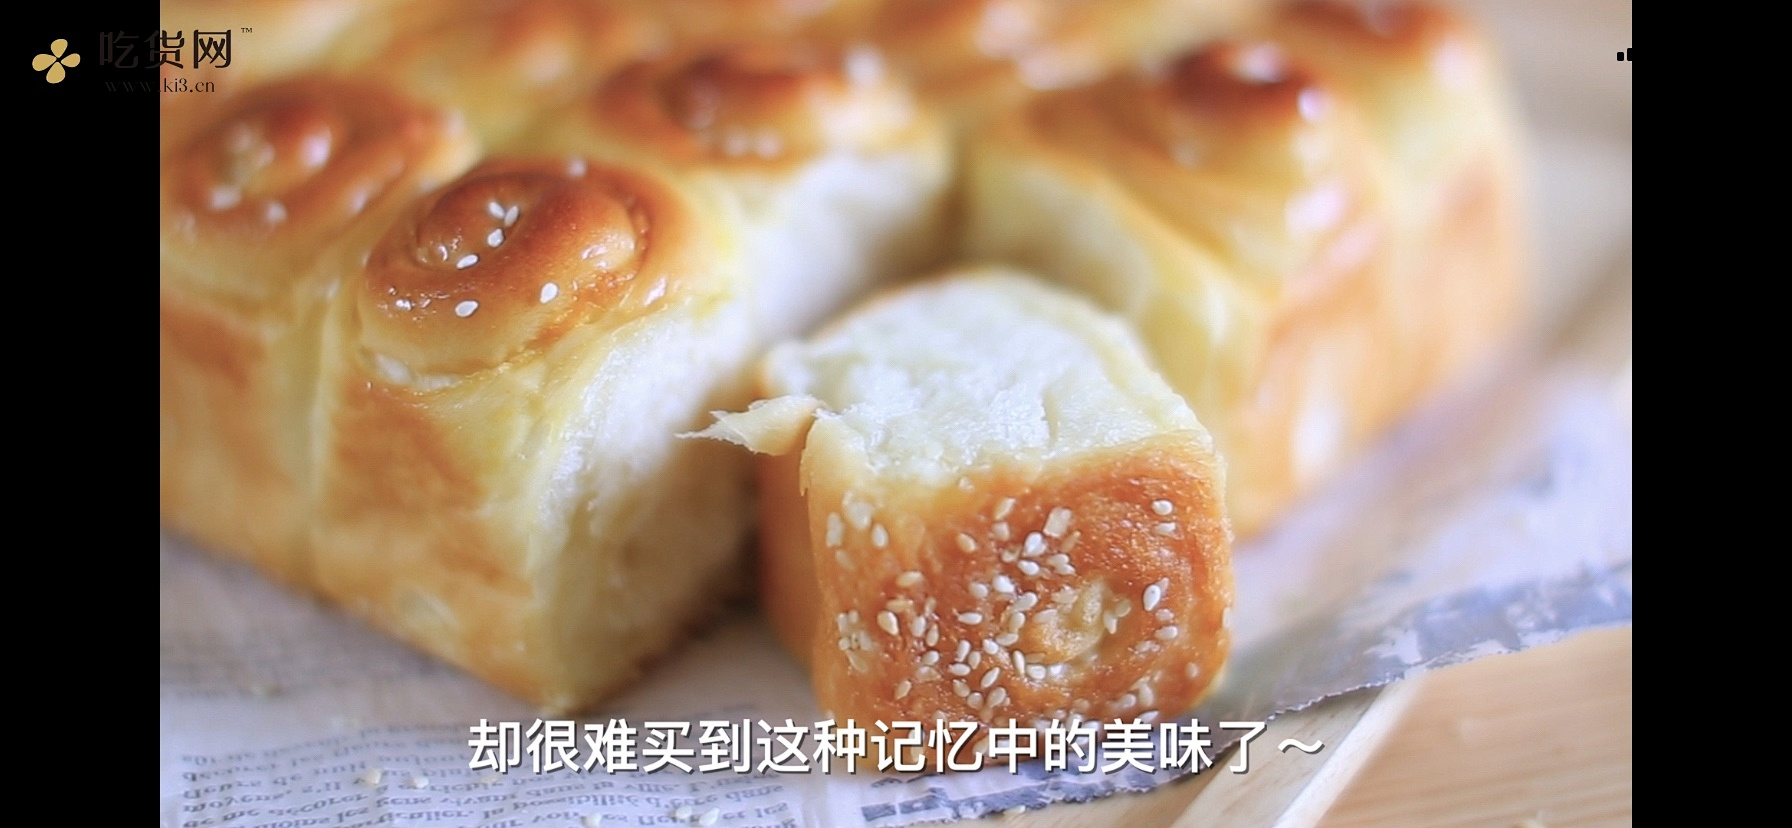 蜂蜜小面包(电饭煲和烤箱两个版本)的做法 步骤22